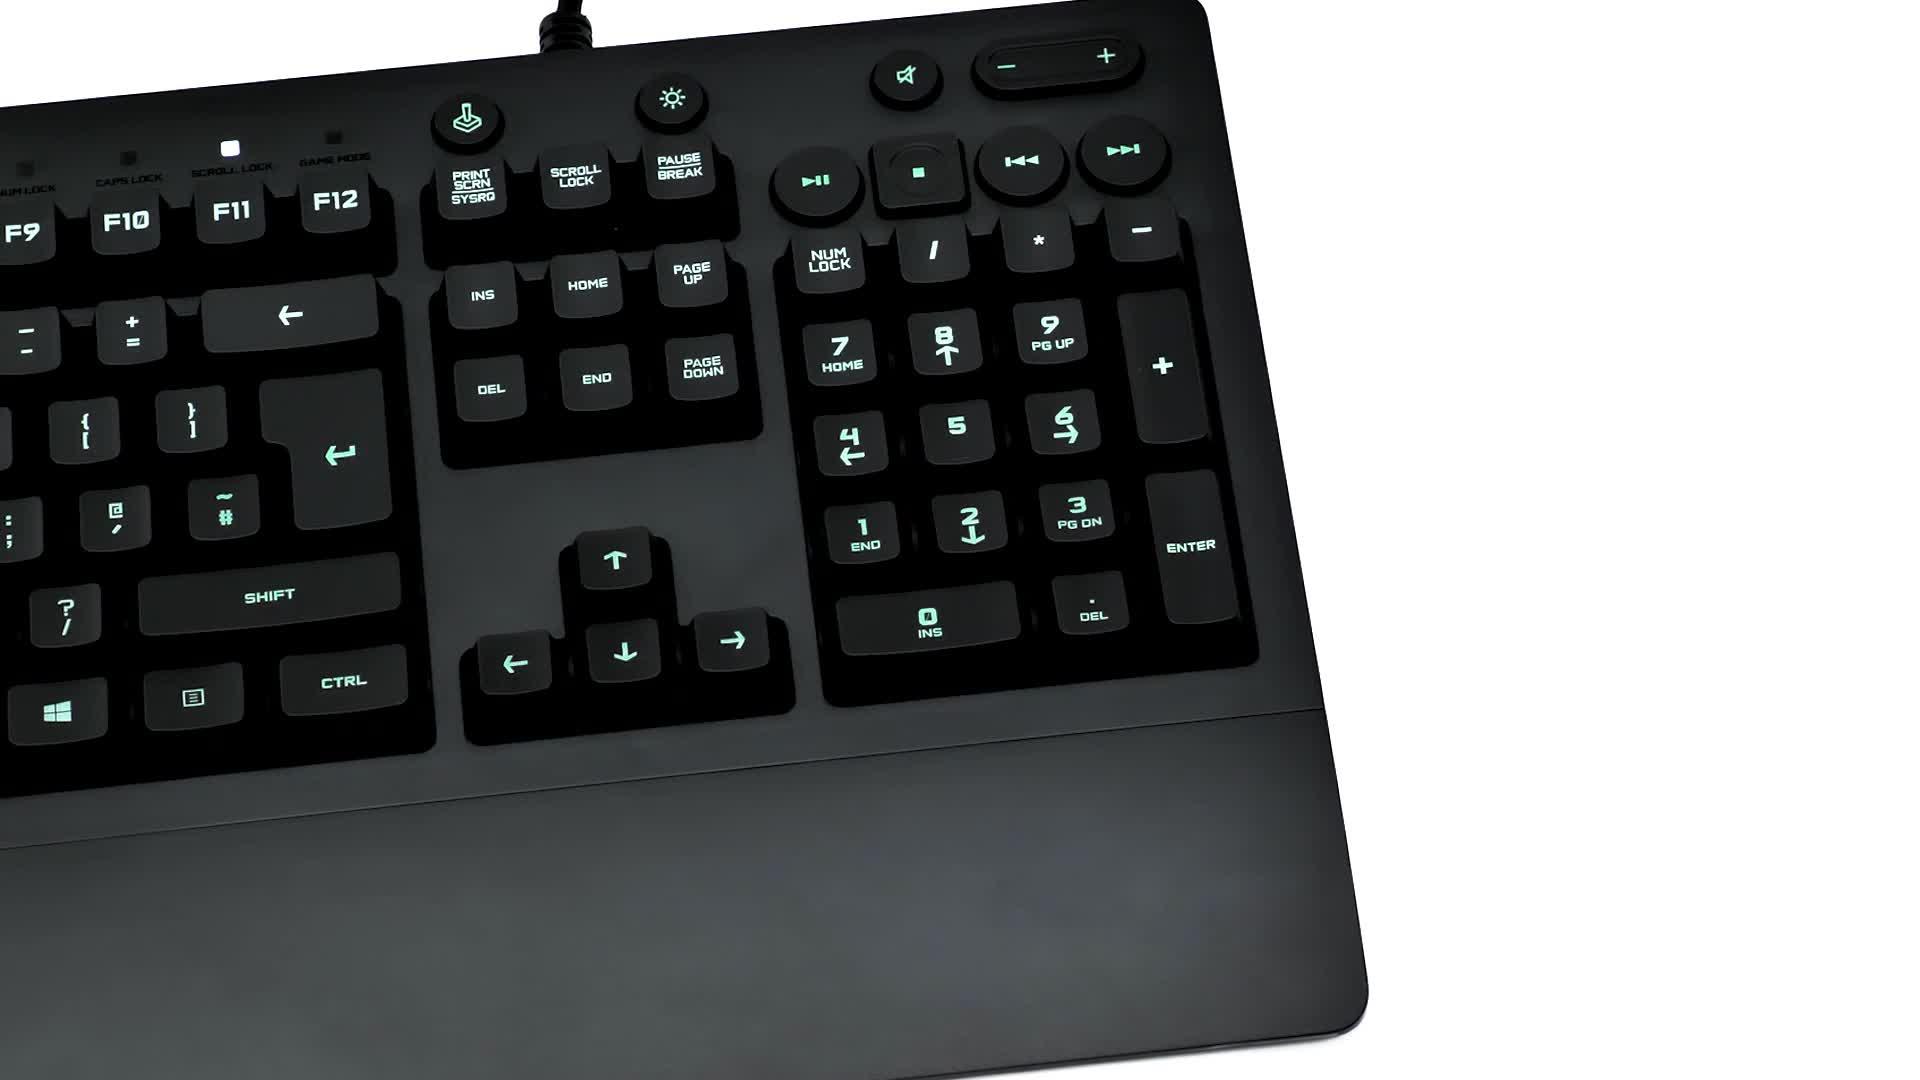 Logitech G213 Prodigy Teclado Gaming, Retroiluminación RGB LIGHTSYNC, Resistente a Salpicaduras, Personalizable, Controles Multimedia, Disposición ...